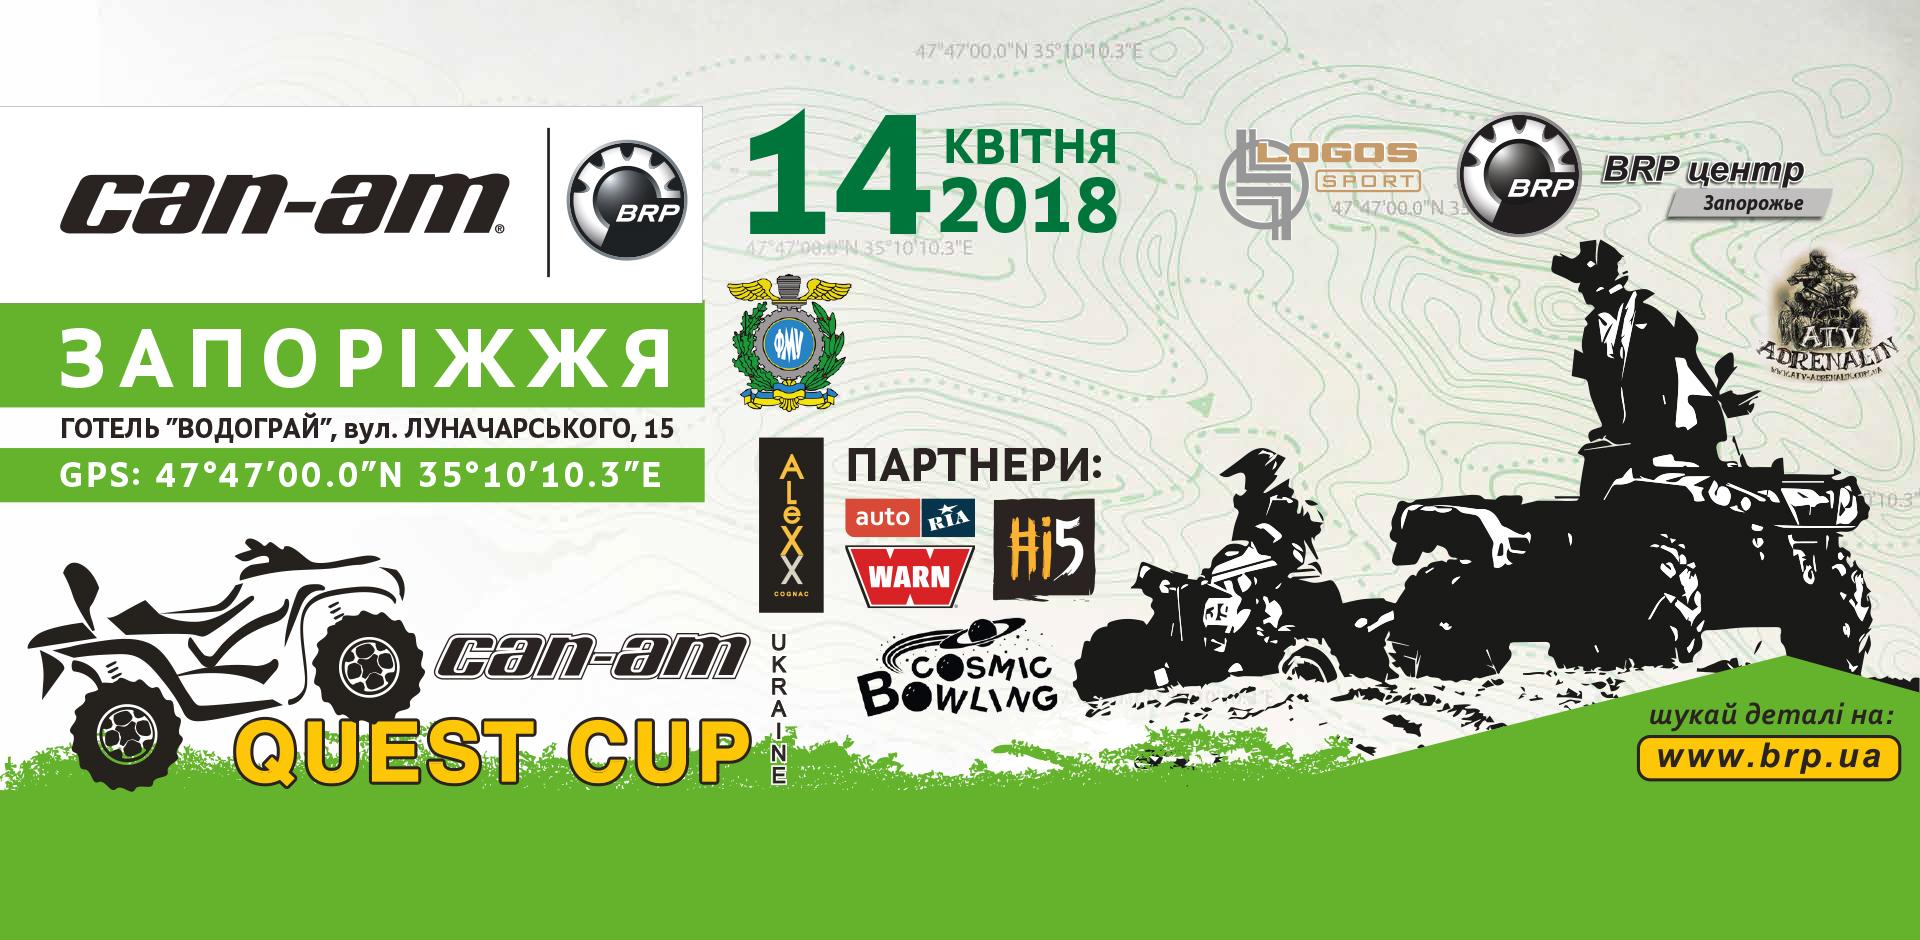 14/04 – 1-й этап серии «CAN-AM QUEST CUP 2018»! Запорожье.